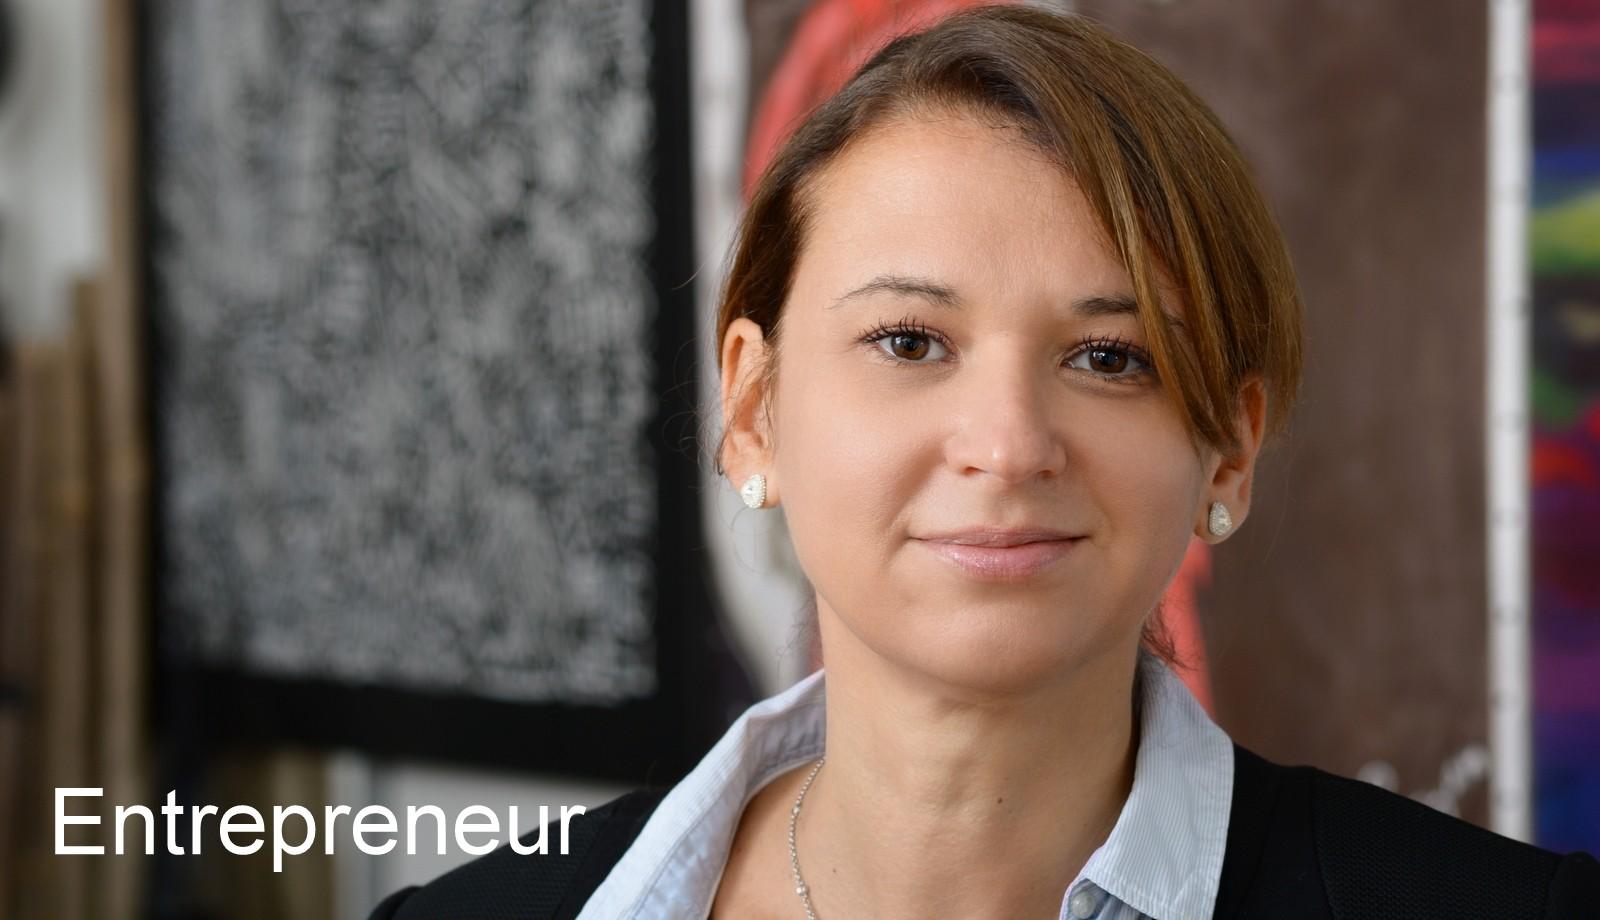 Photographe de portrait d'entrepreneur